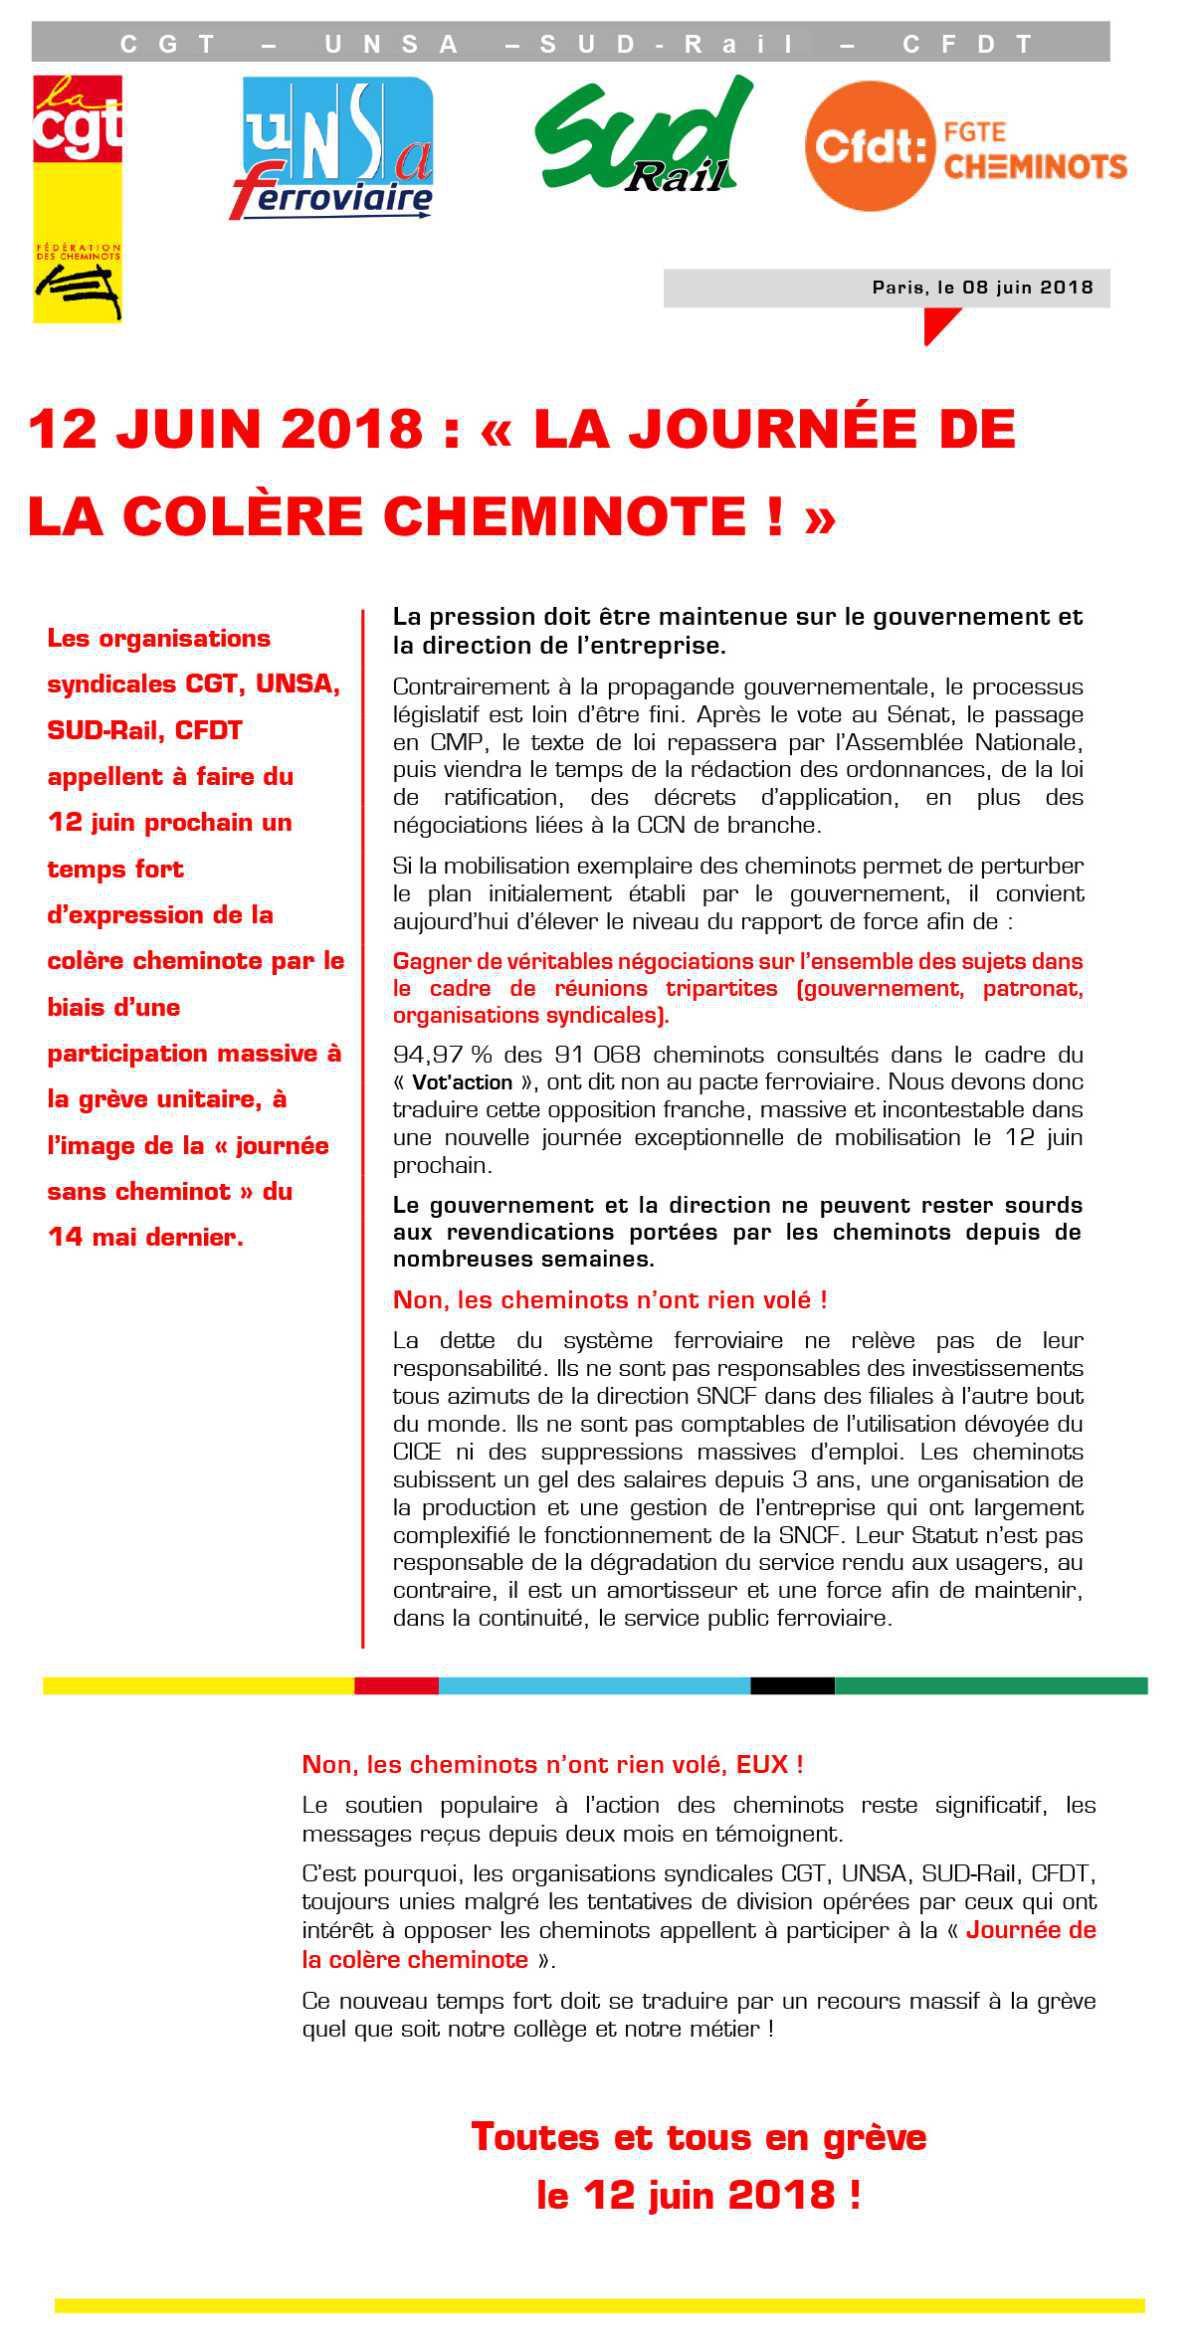 12 JUIN 2018 : « LA JOURNÉE DE LA COLÈRE CHEMINOTE ! »